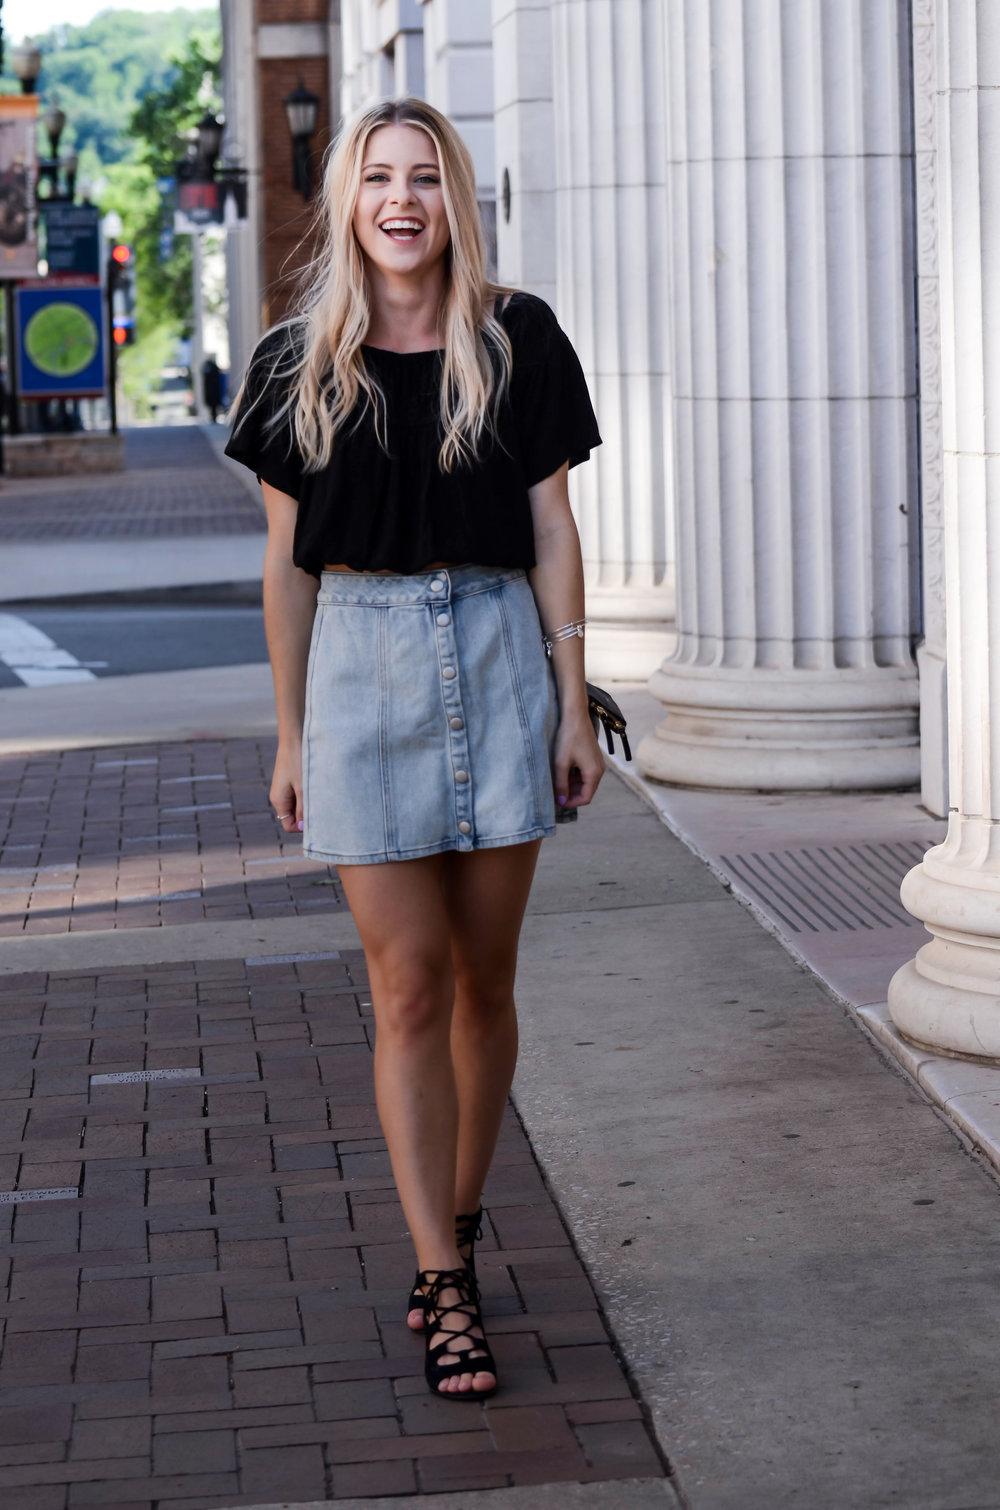 Denim Skirt Black Top-6.jpg